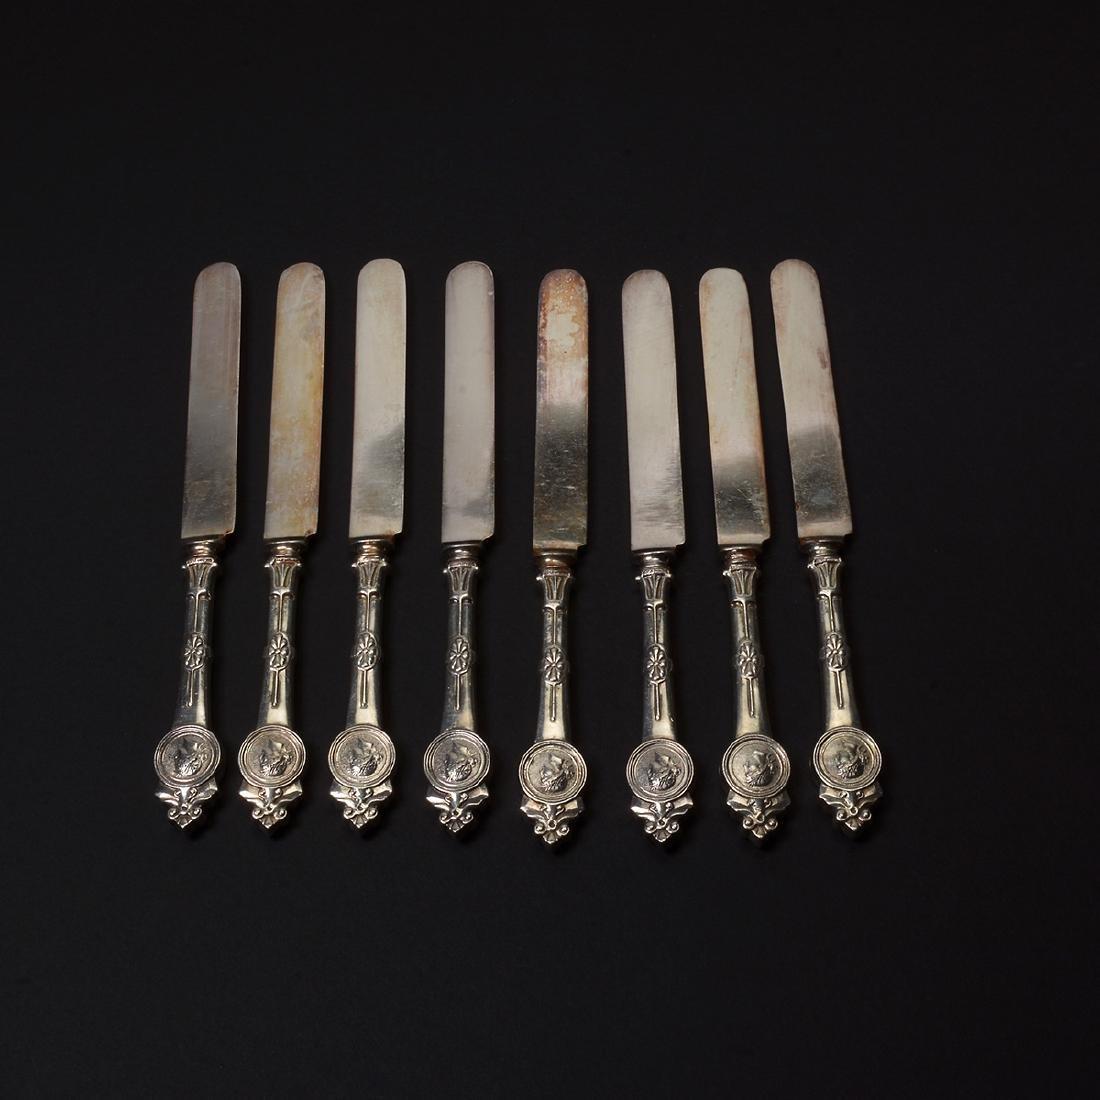 Gorham Medallion Sterling Flatware Set (111 pcs) - 9